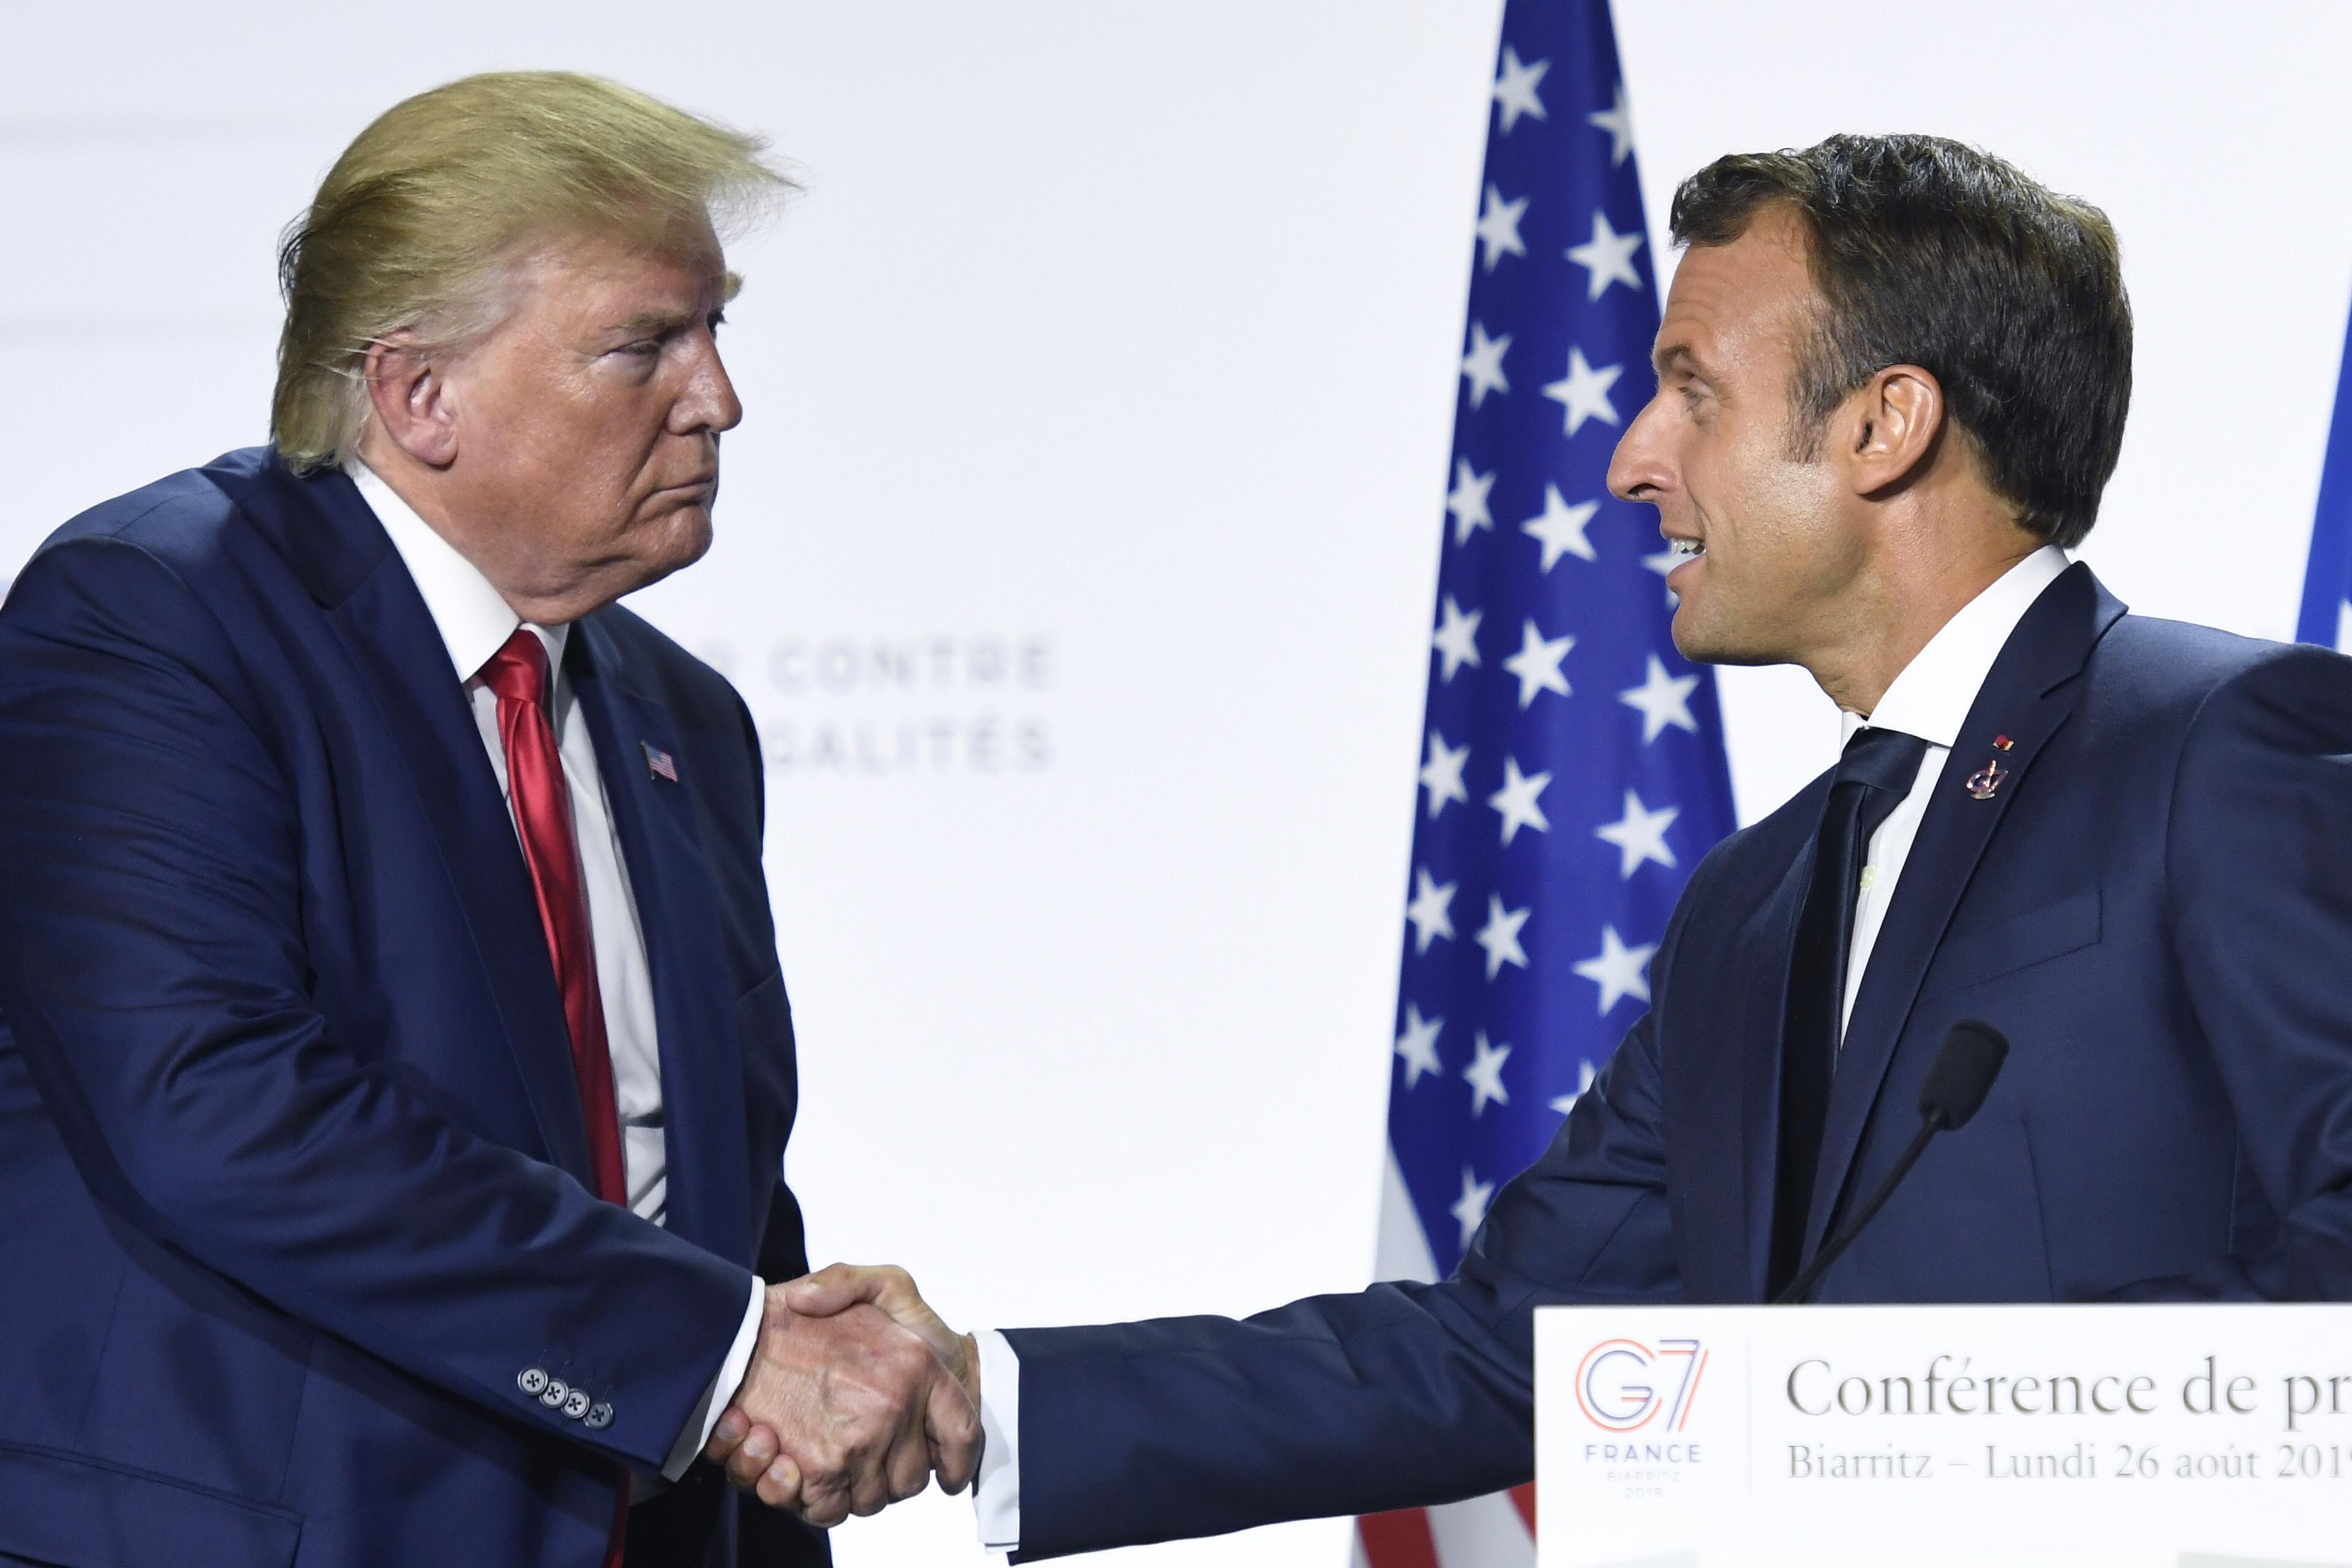 Entretien Macron-Trump sur la Syrie, l'Iran et l'Otan